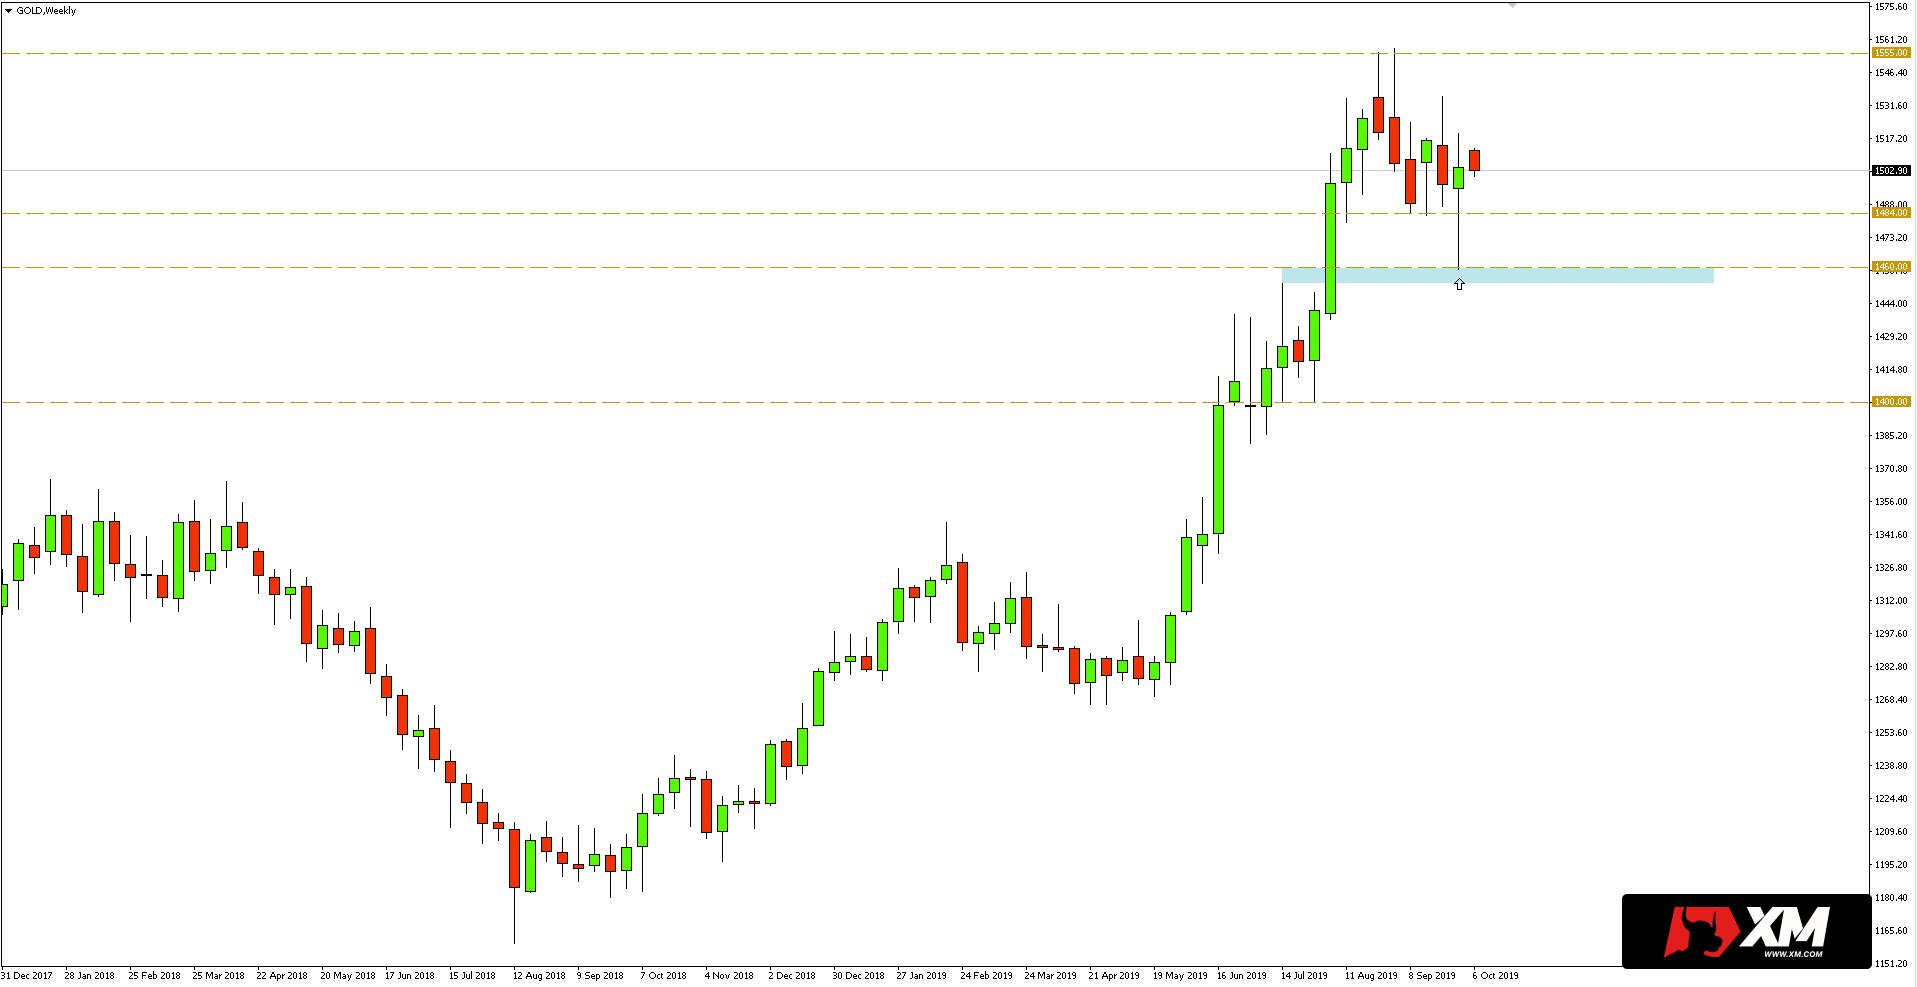 Kurs złota (XAUUSD) - wykres tygodniowy - 7 października 2019